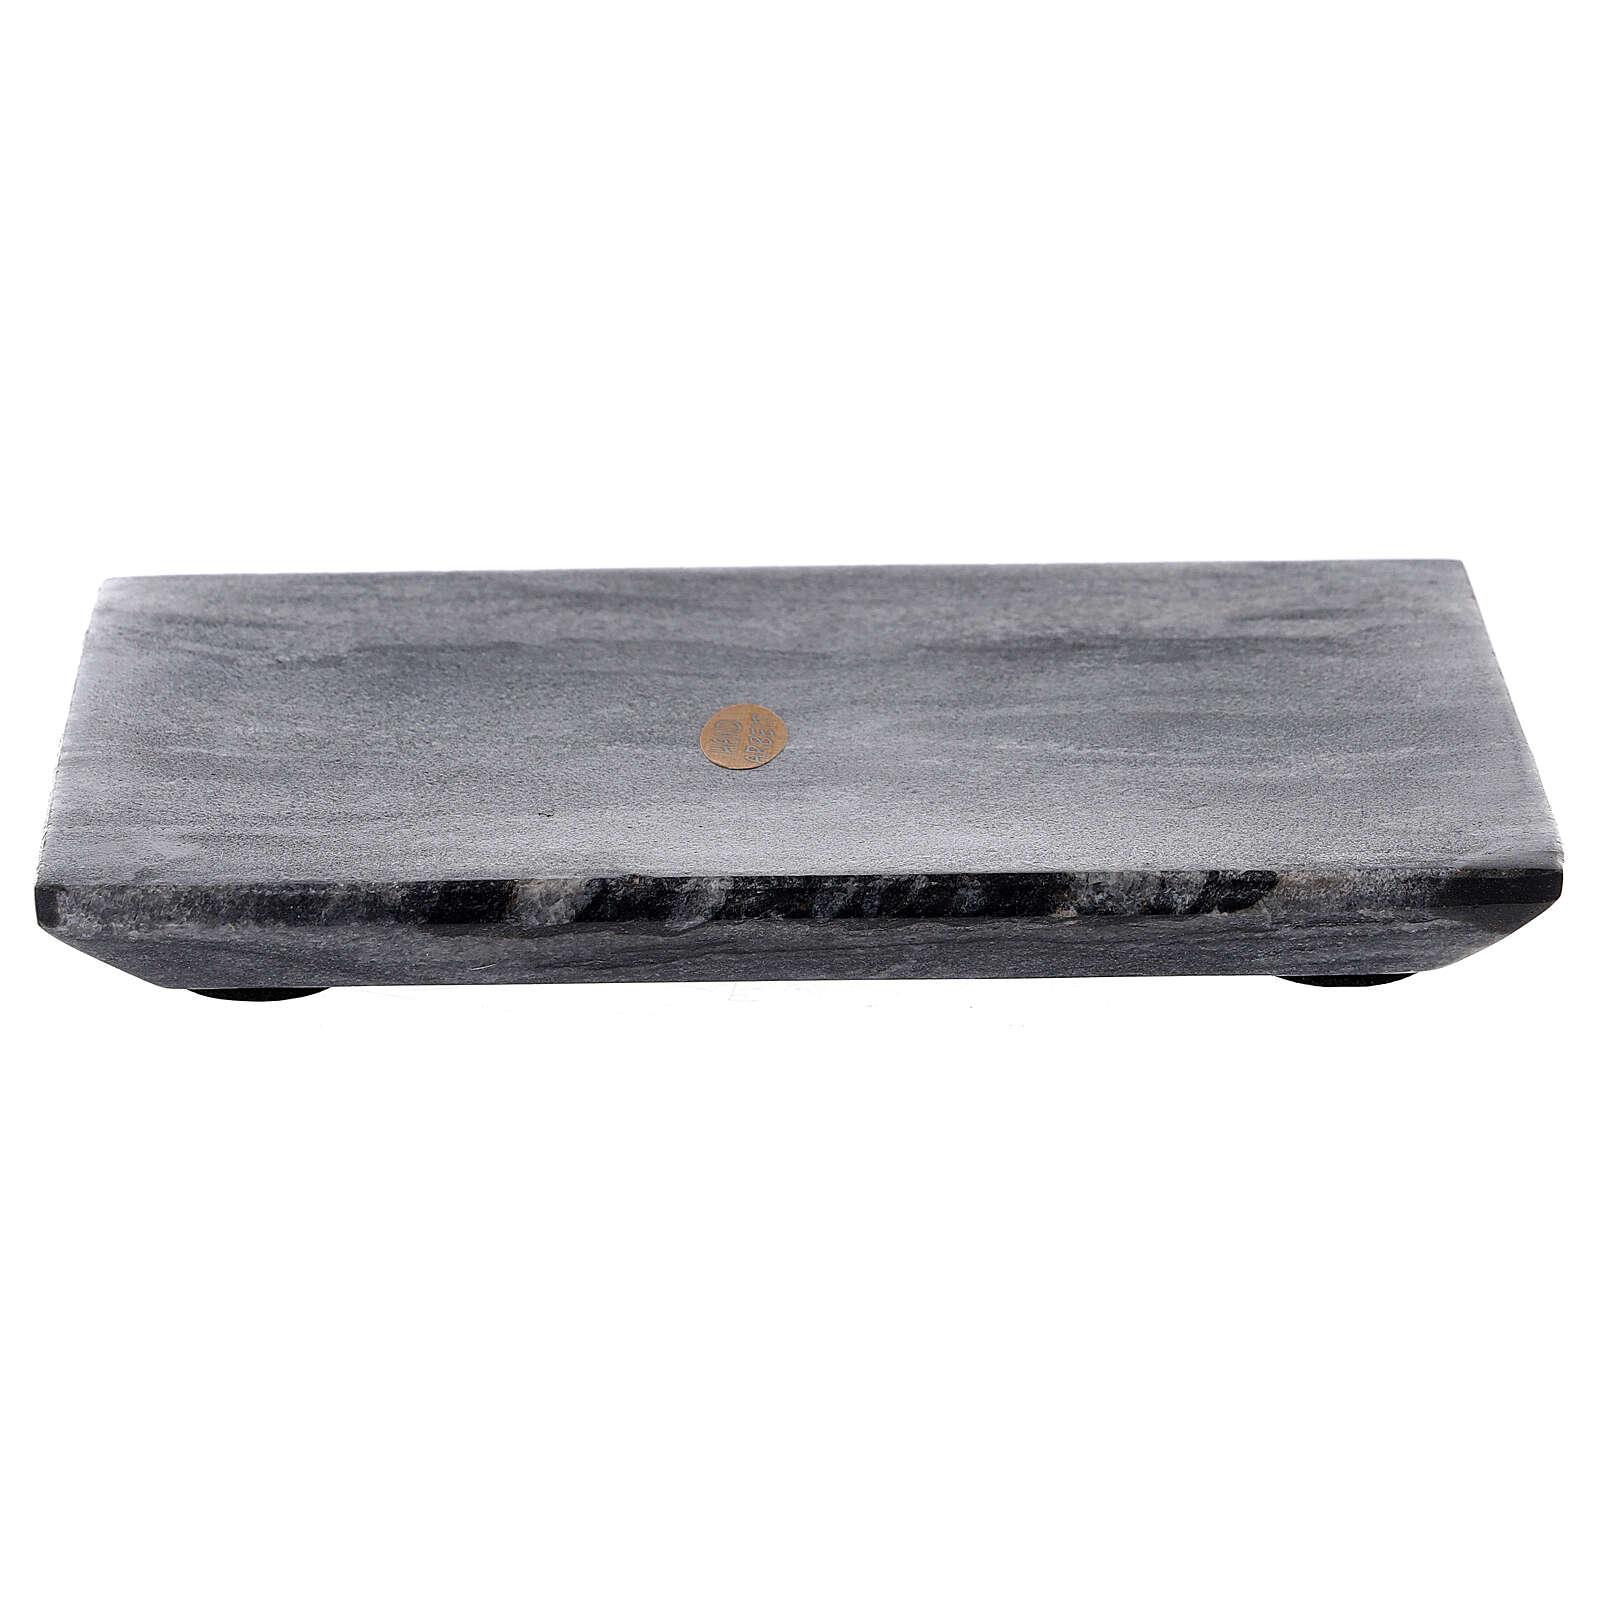 Assiette porte-bougie rectangulaire pierre naturelle 17x12 cm 3